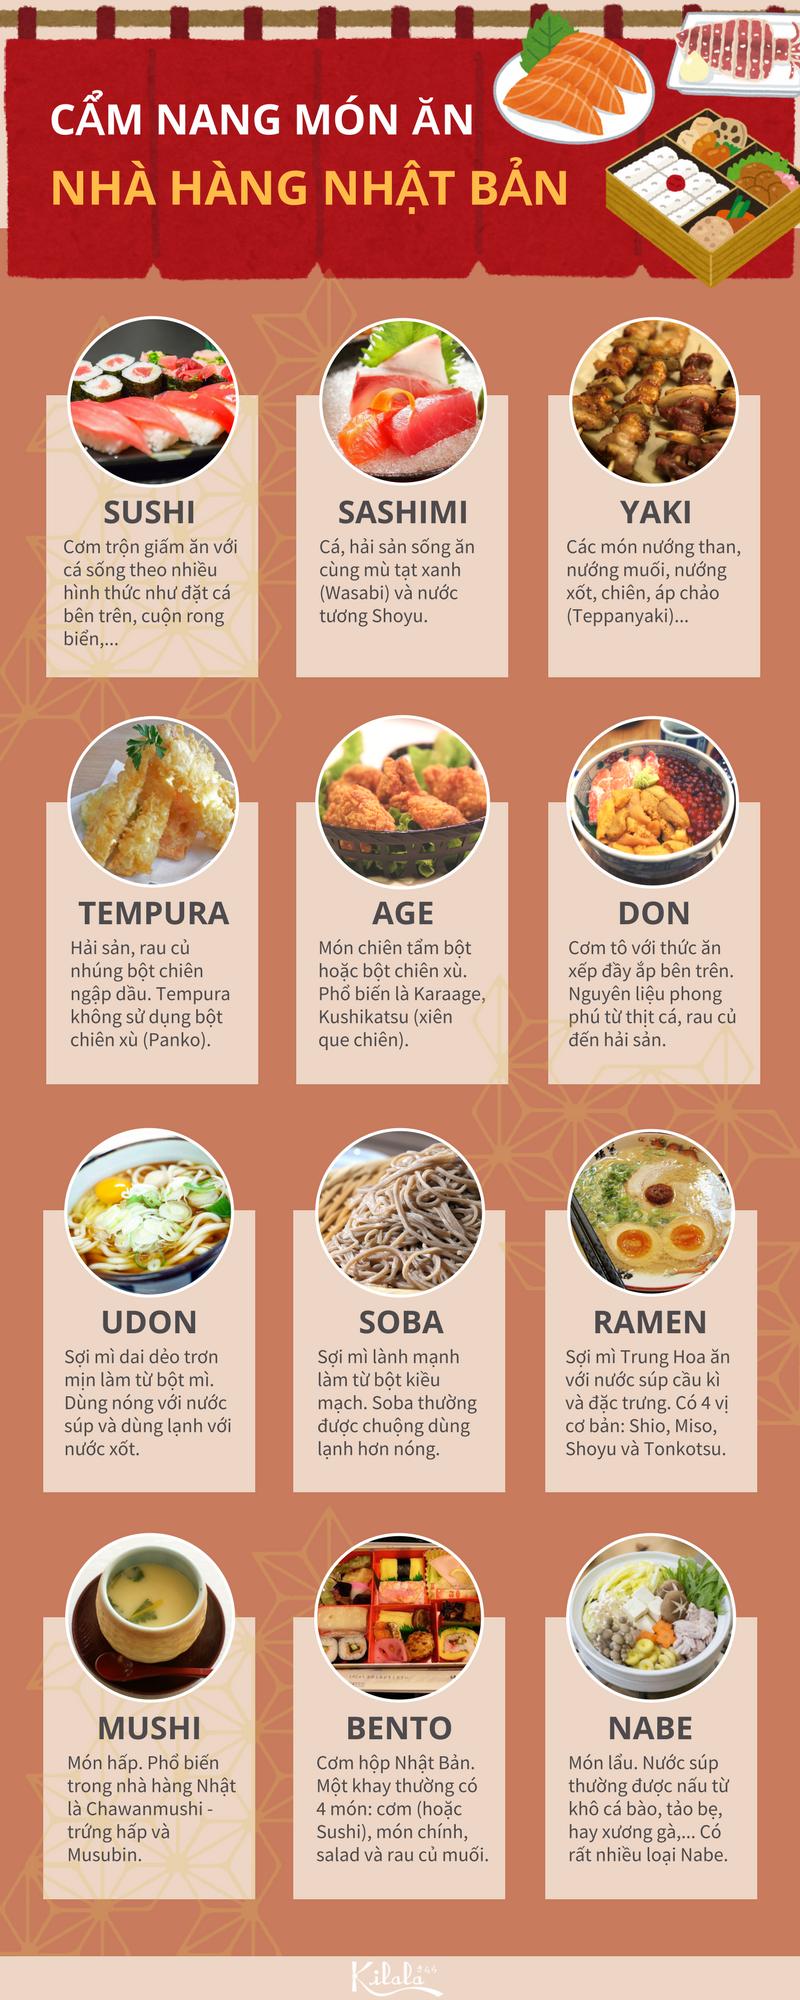 cẩm nang món ăn nhà hàng Nhật